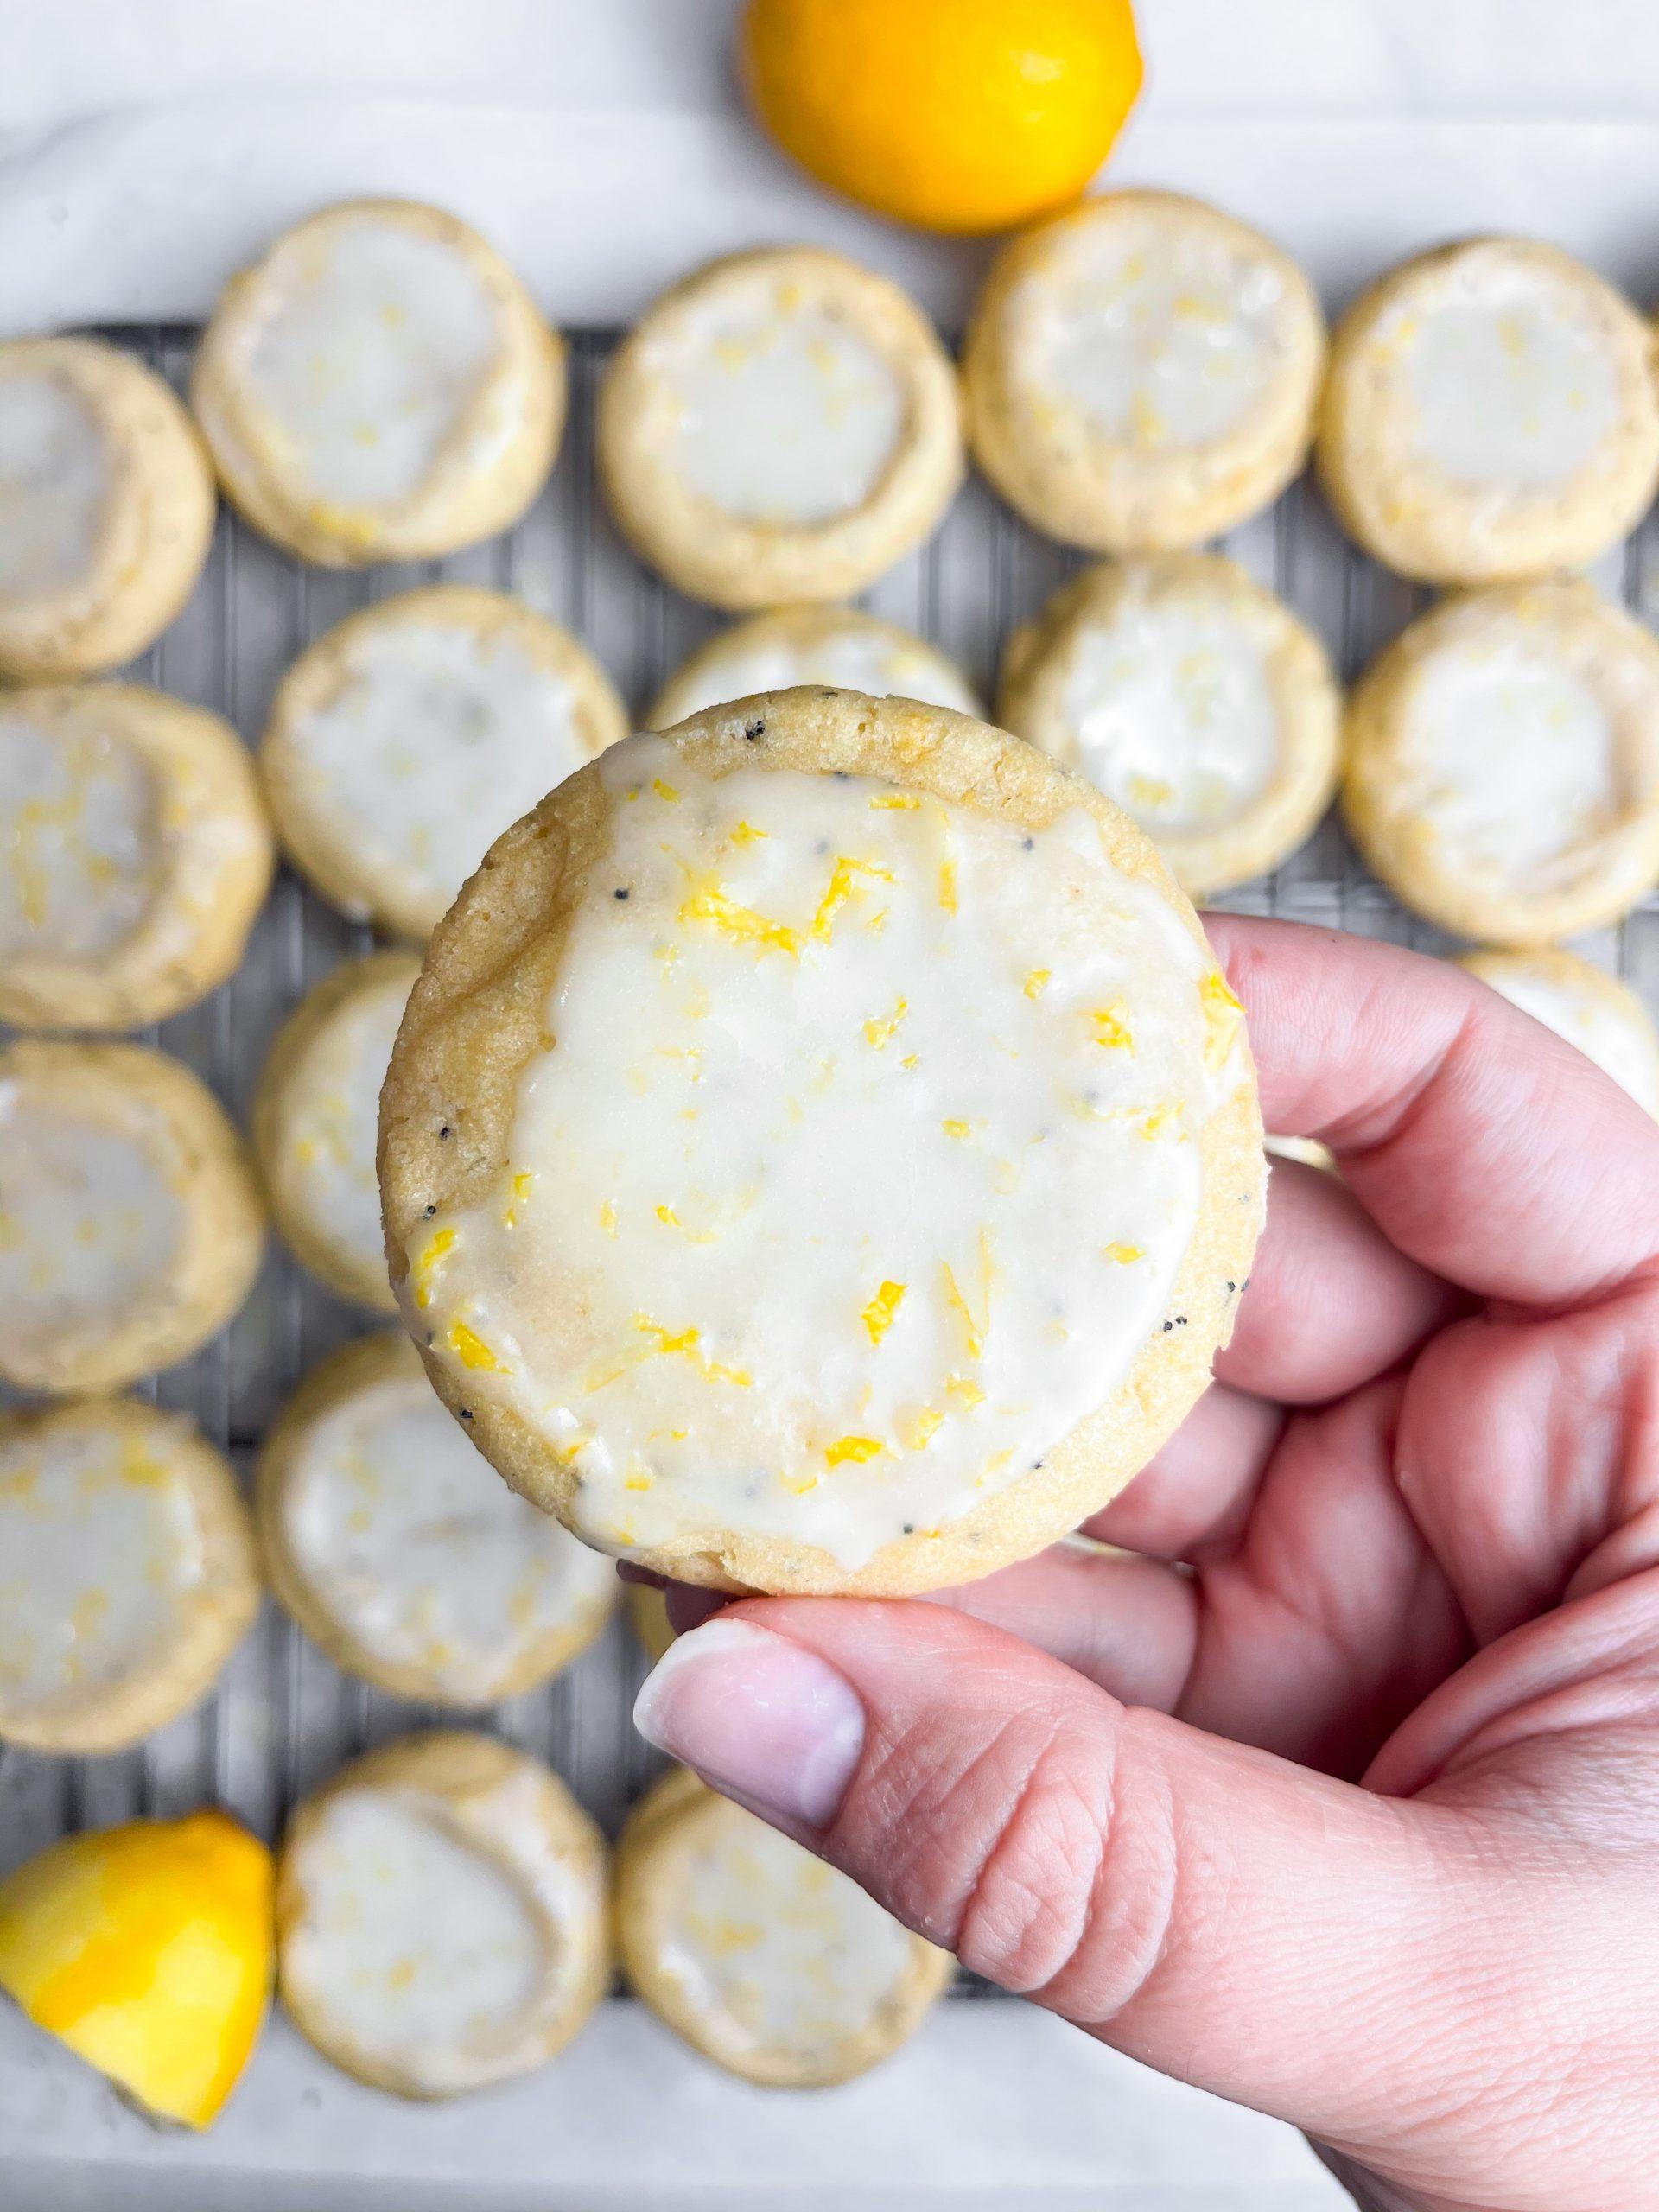 Tart Soft-Baked Lemon Poppy Seed Cookies